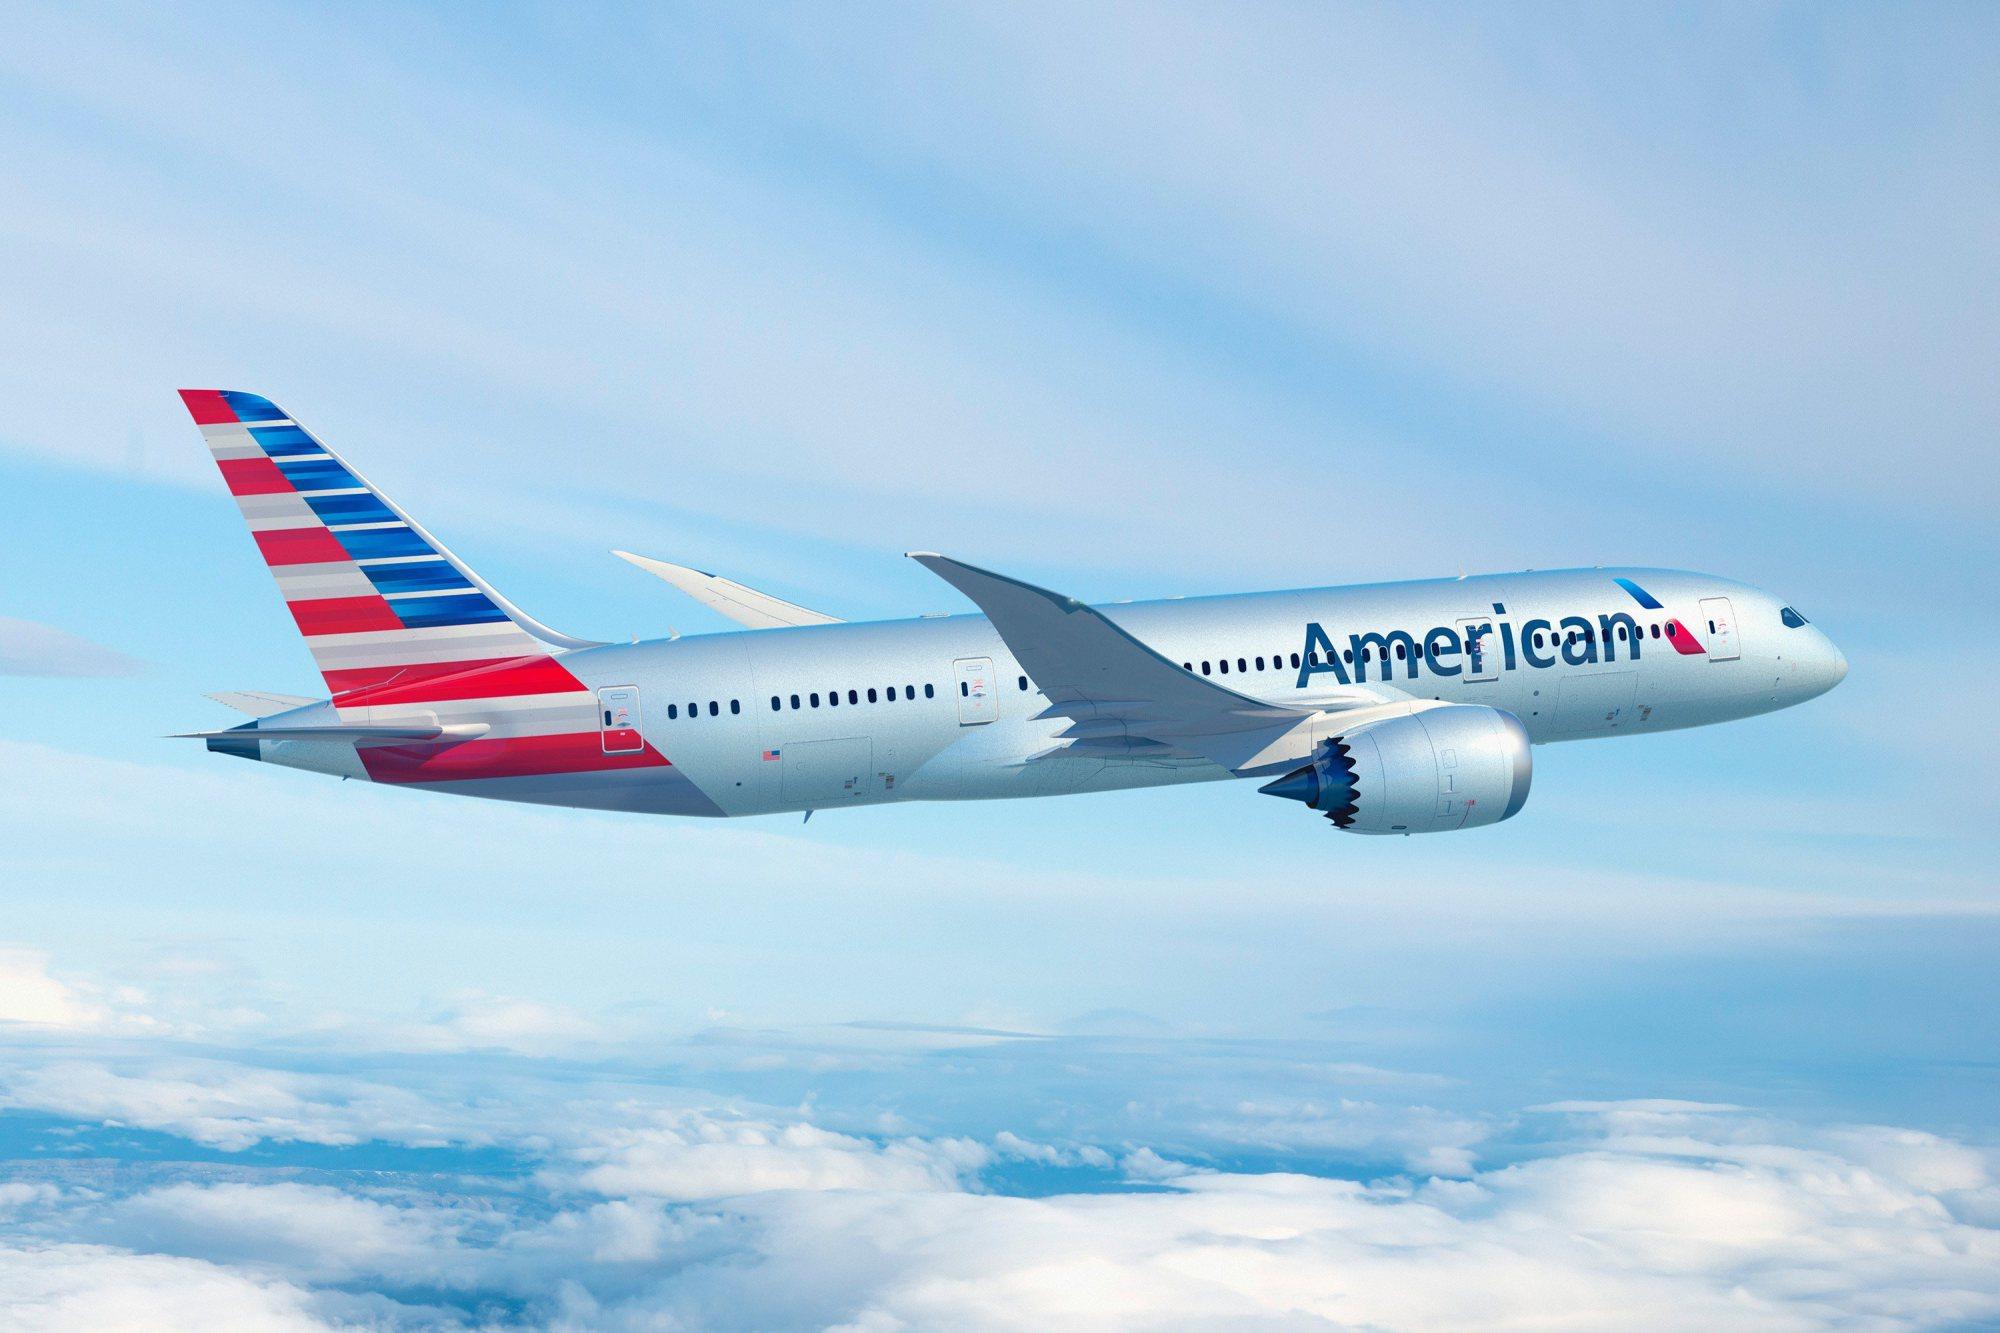 El Boeing 787 Dreamliner De American Airlines Que Utiliza